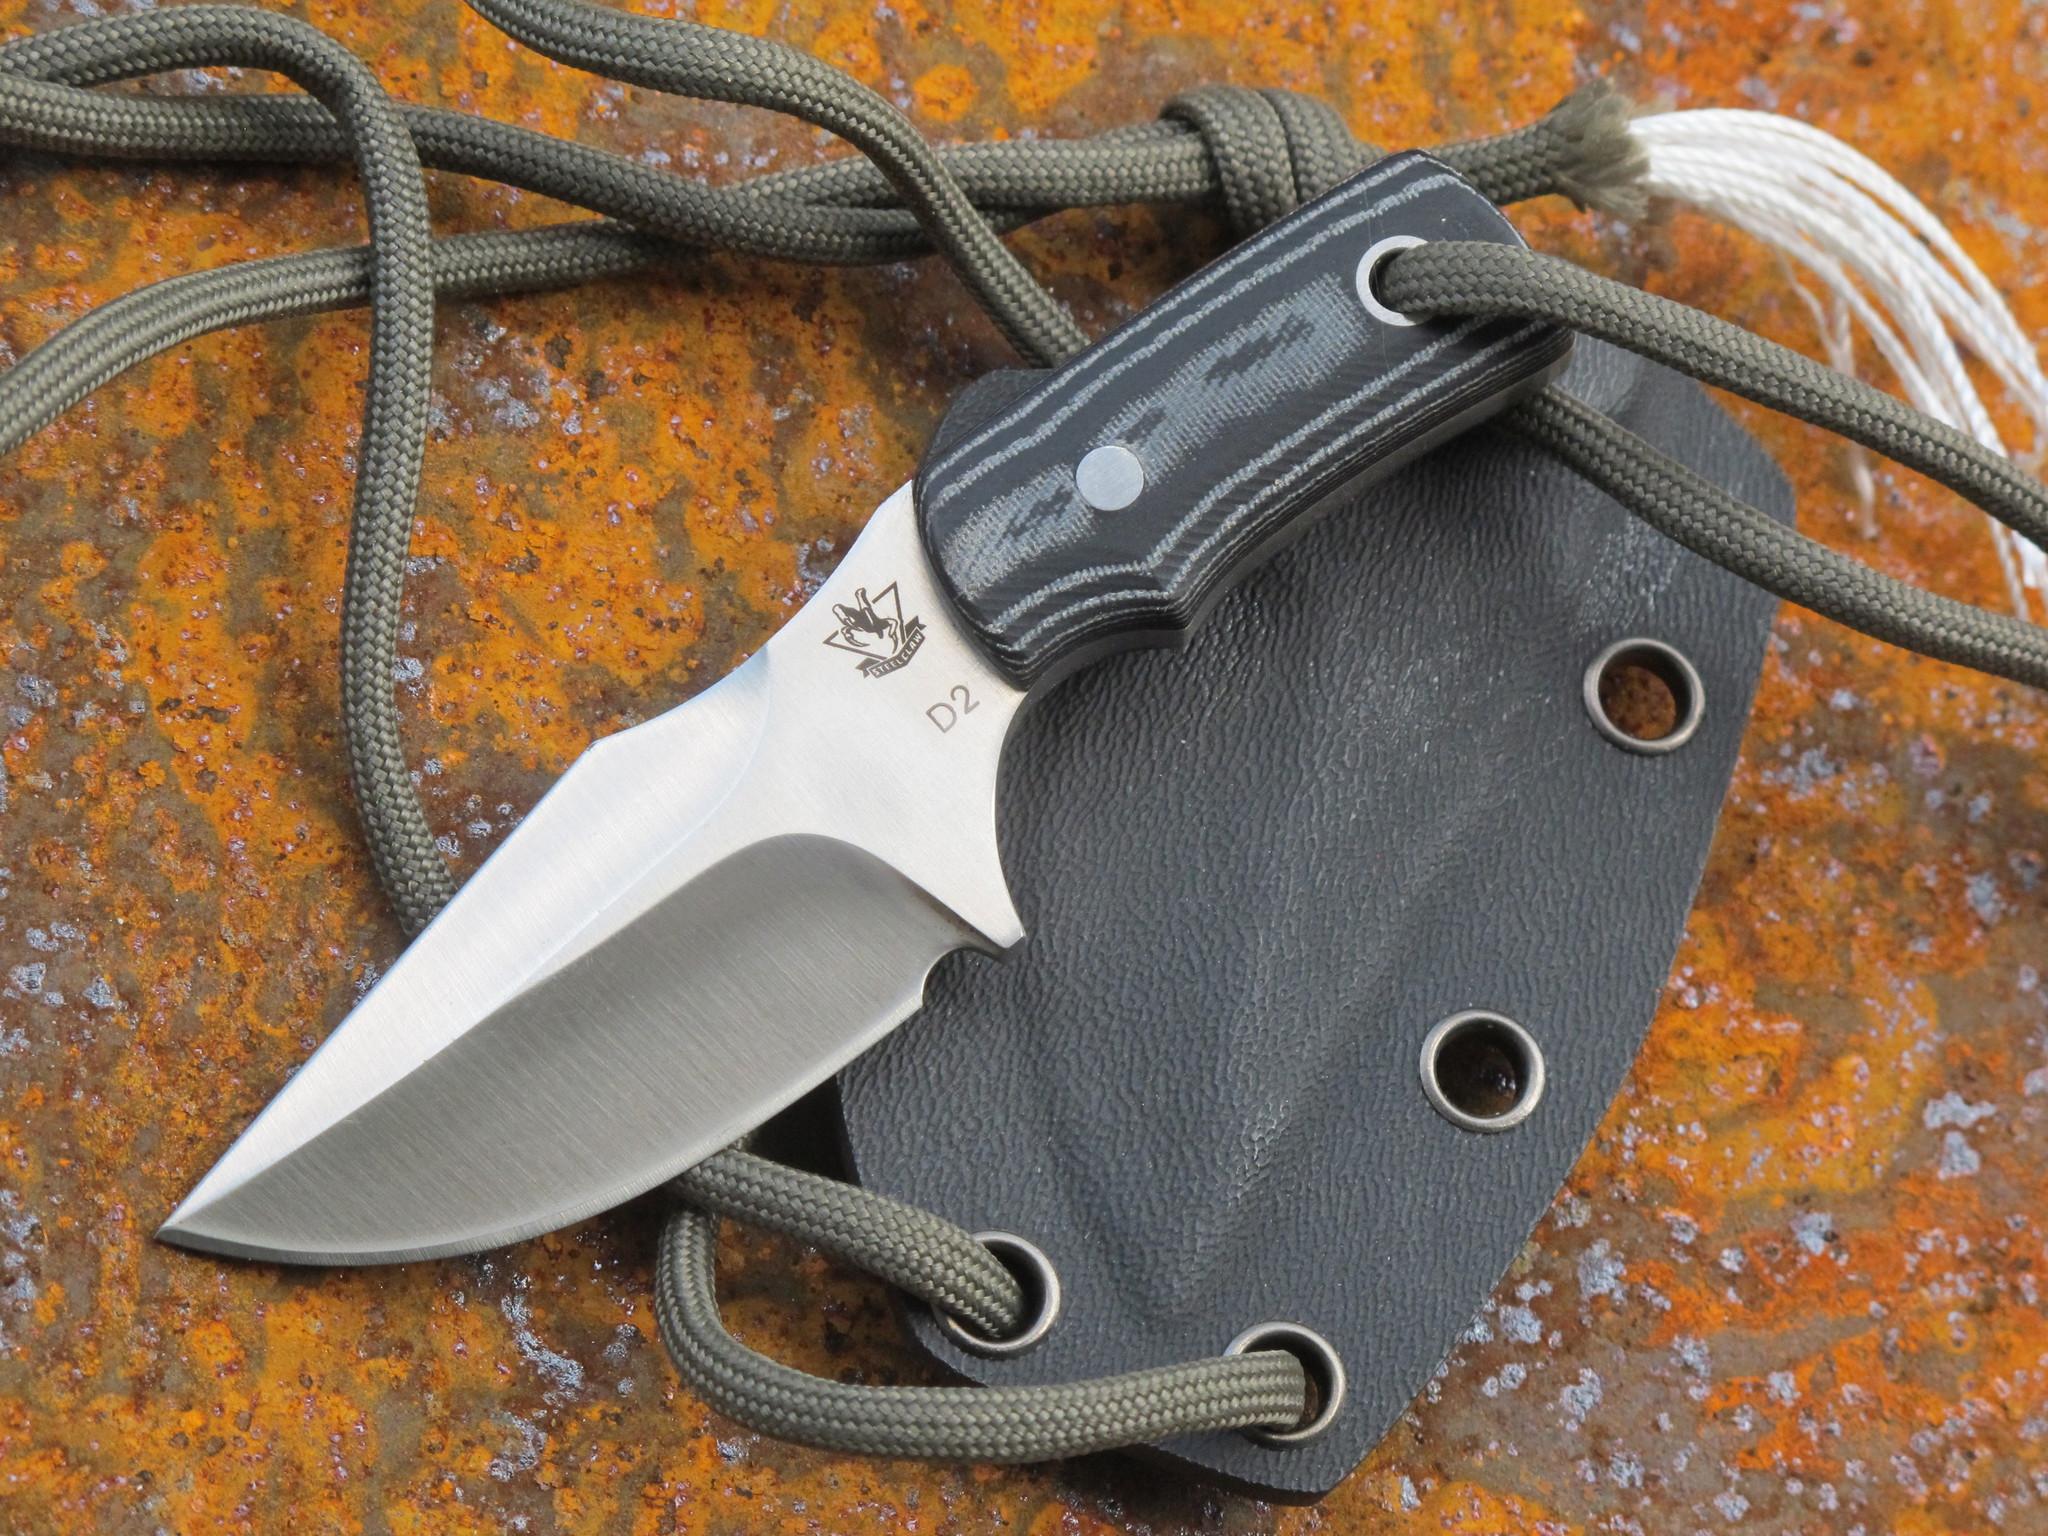 Шейный нож КоманчНожи скрытого ношения<br>Эта модель понравится тем, кто даже в городских условиях не может обходится без ножа с фиксированным клинком. Шейный нож Команч разработан с учетом необходимости не привлекать лишнего внимания. К интересной особенности этой модели стоит отнести ножны из кайдекса, которые оснащены отверстиями для комбинированного подвеса. С помощью шнура-паракорда нож можно носить на шее, на поясе или на элементах одежды. Клинок ножа имеет плавный изгиб лезвия, что увеличивает длину режущей кромки без увеличения общей длины клинка. Геометрия ножа позволяет использовать нож в качестве предмета, которым можно что-нибудь поддеть или отжать. Высокие спуски обеспечивают точный и ровный рез.<br>